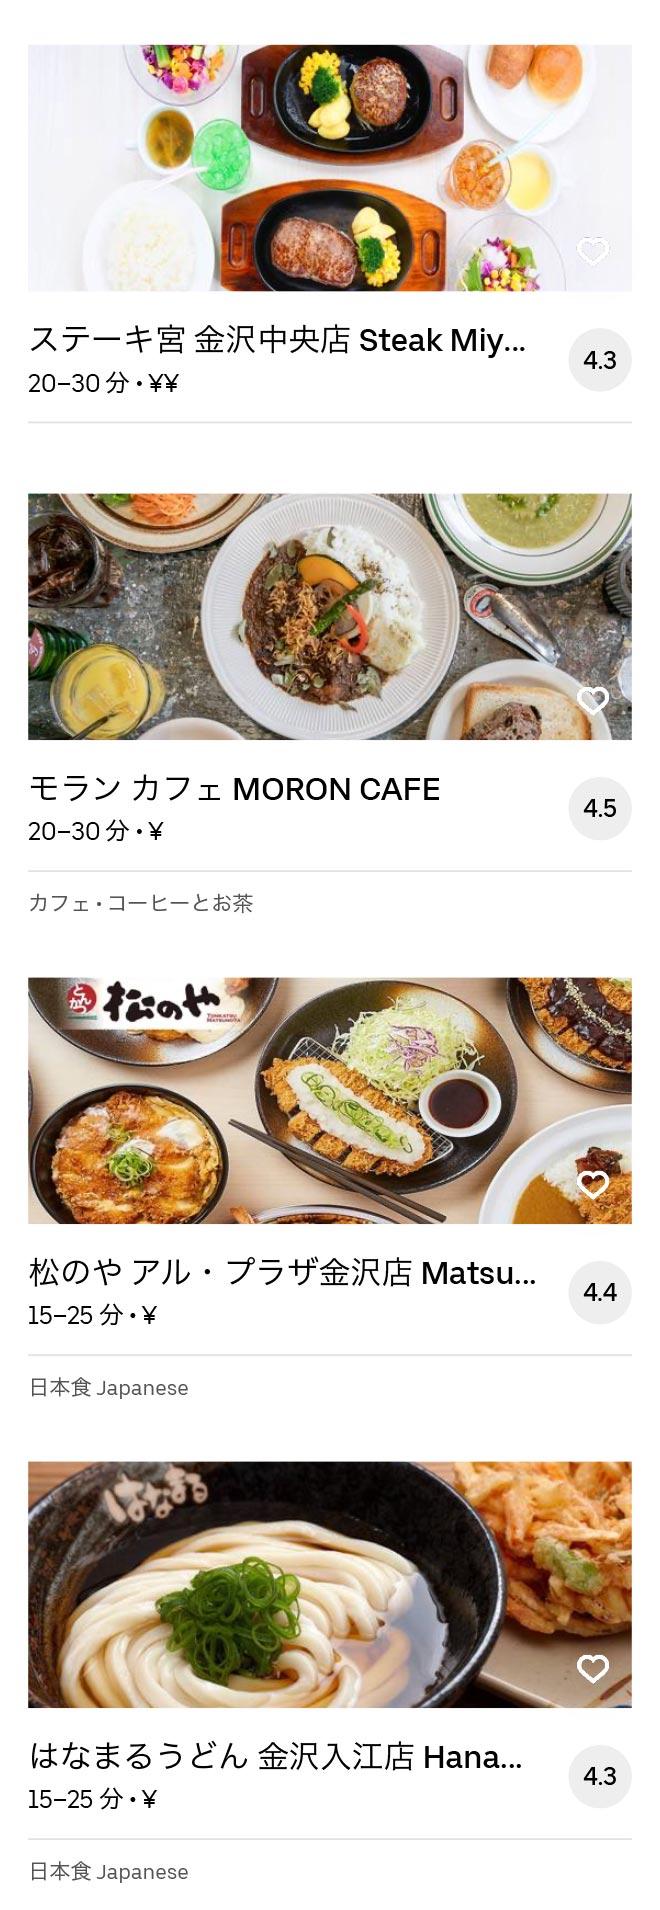 Kanazawa menu 2005 04